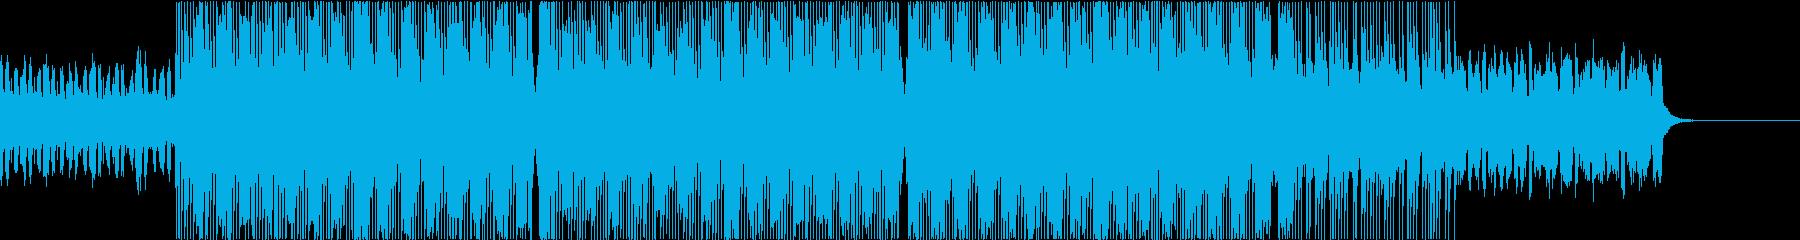 とにかく爽快で幅広い使い方ができるBGMの再生済みの波形